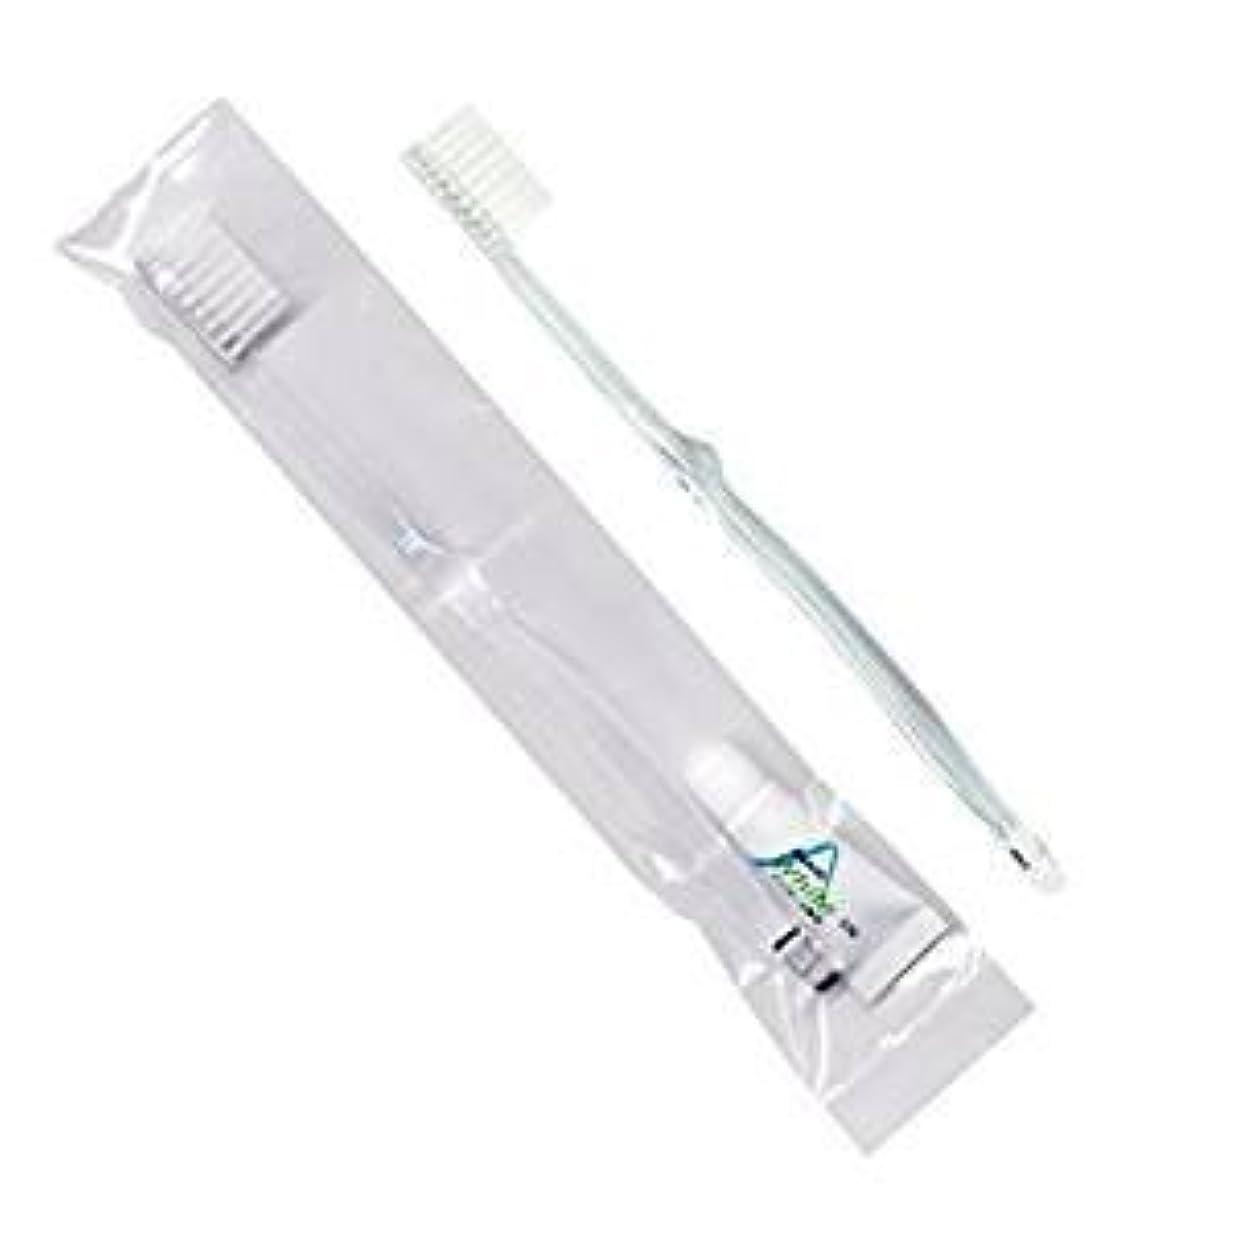 破壊的自分の力ですべてをする煙ホテル業務用歯ブラシ28穴(クリア)3.5gチューブ OP袋Sタイプ 50本